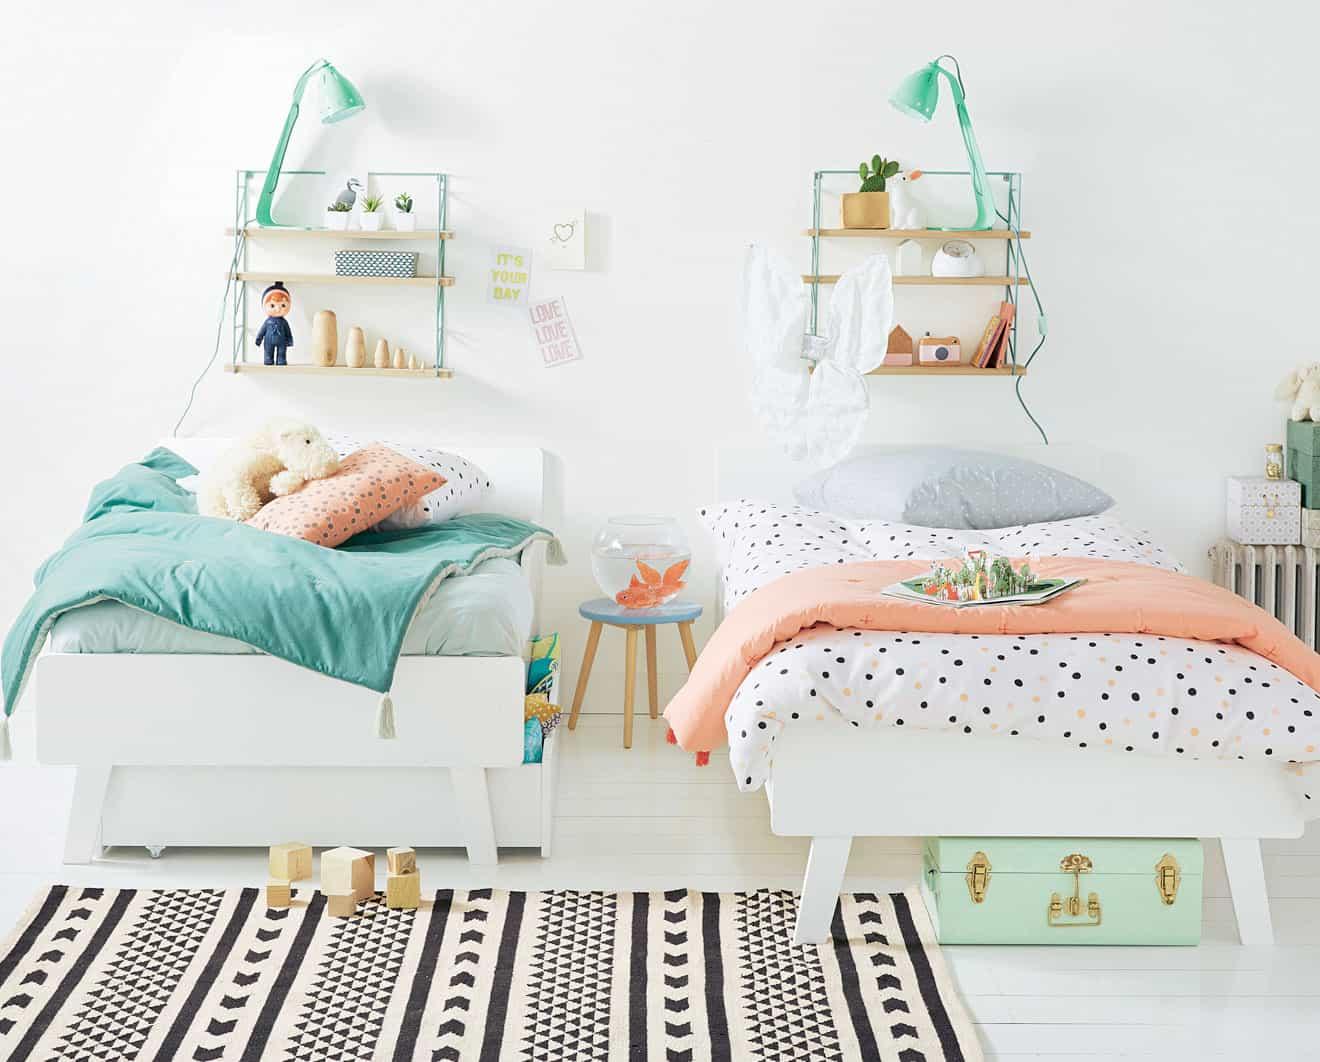 Déco et mobilier chambre enfant : les nouveautés vertbaudet printemps-été